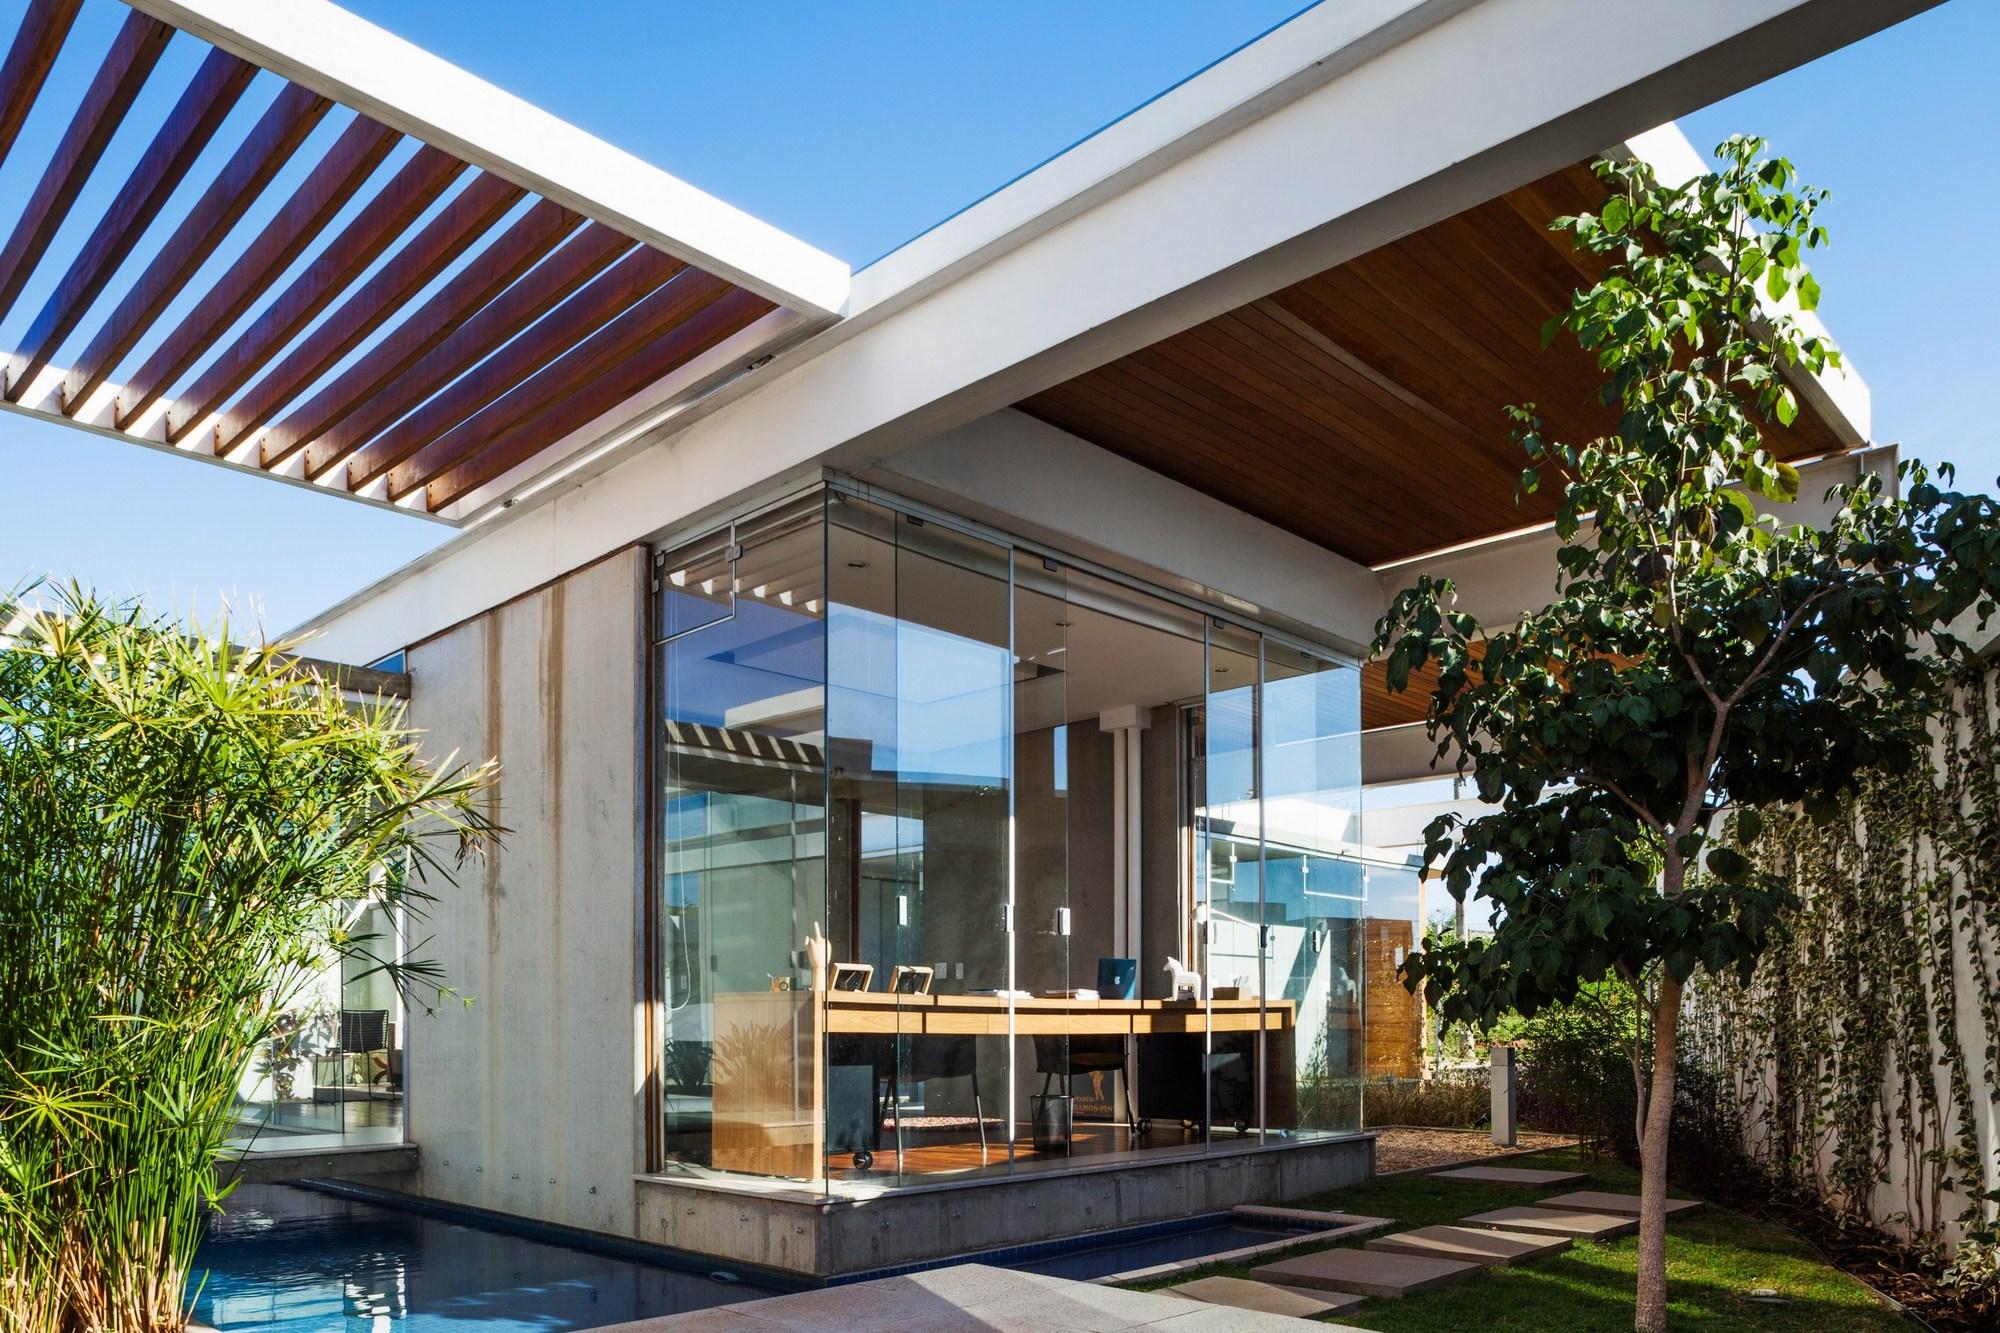 Sliding pergolas house fgmf arquitetos archdaily Pergolas de metal